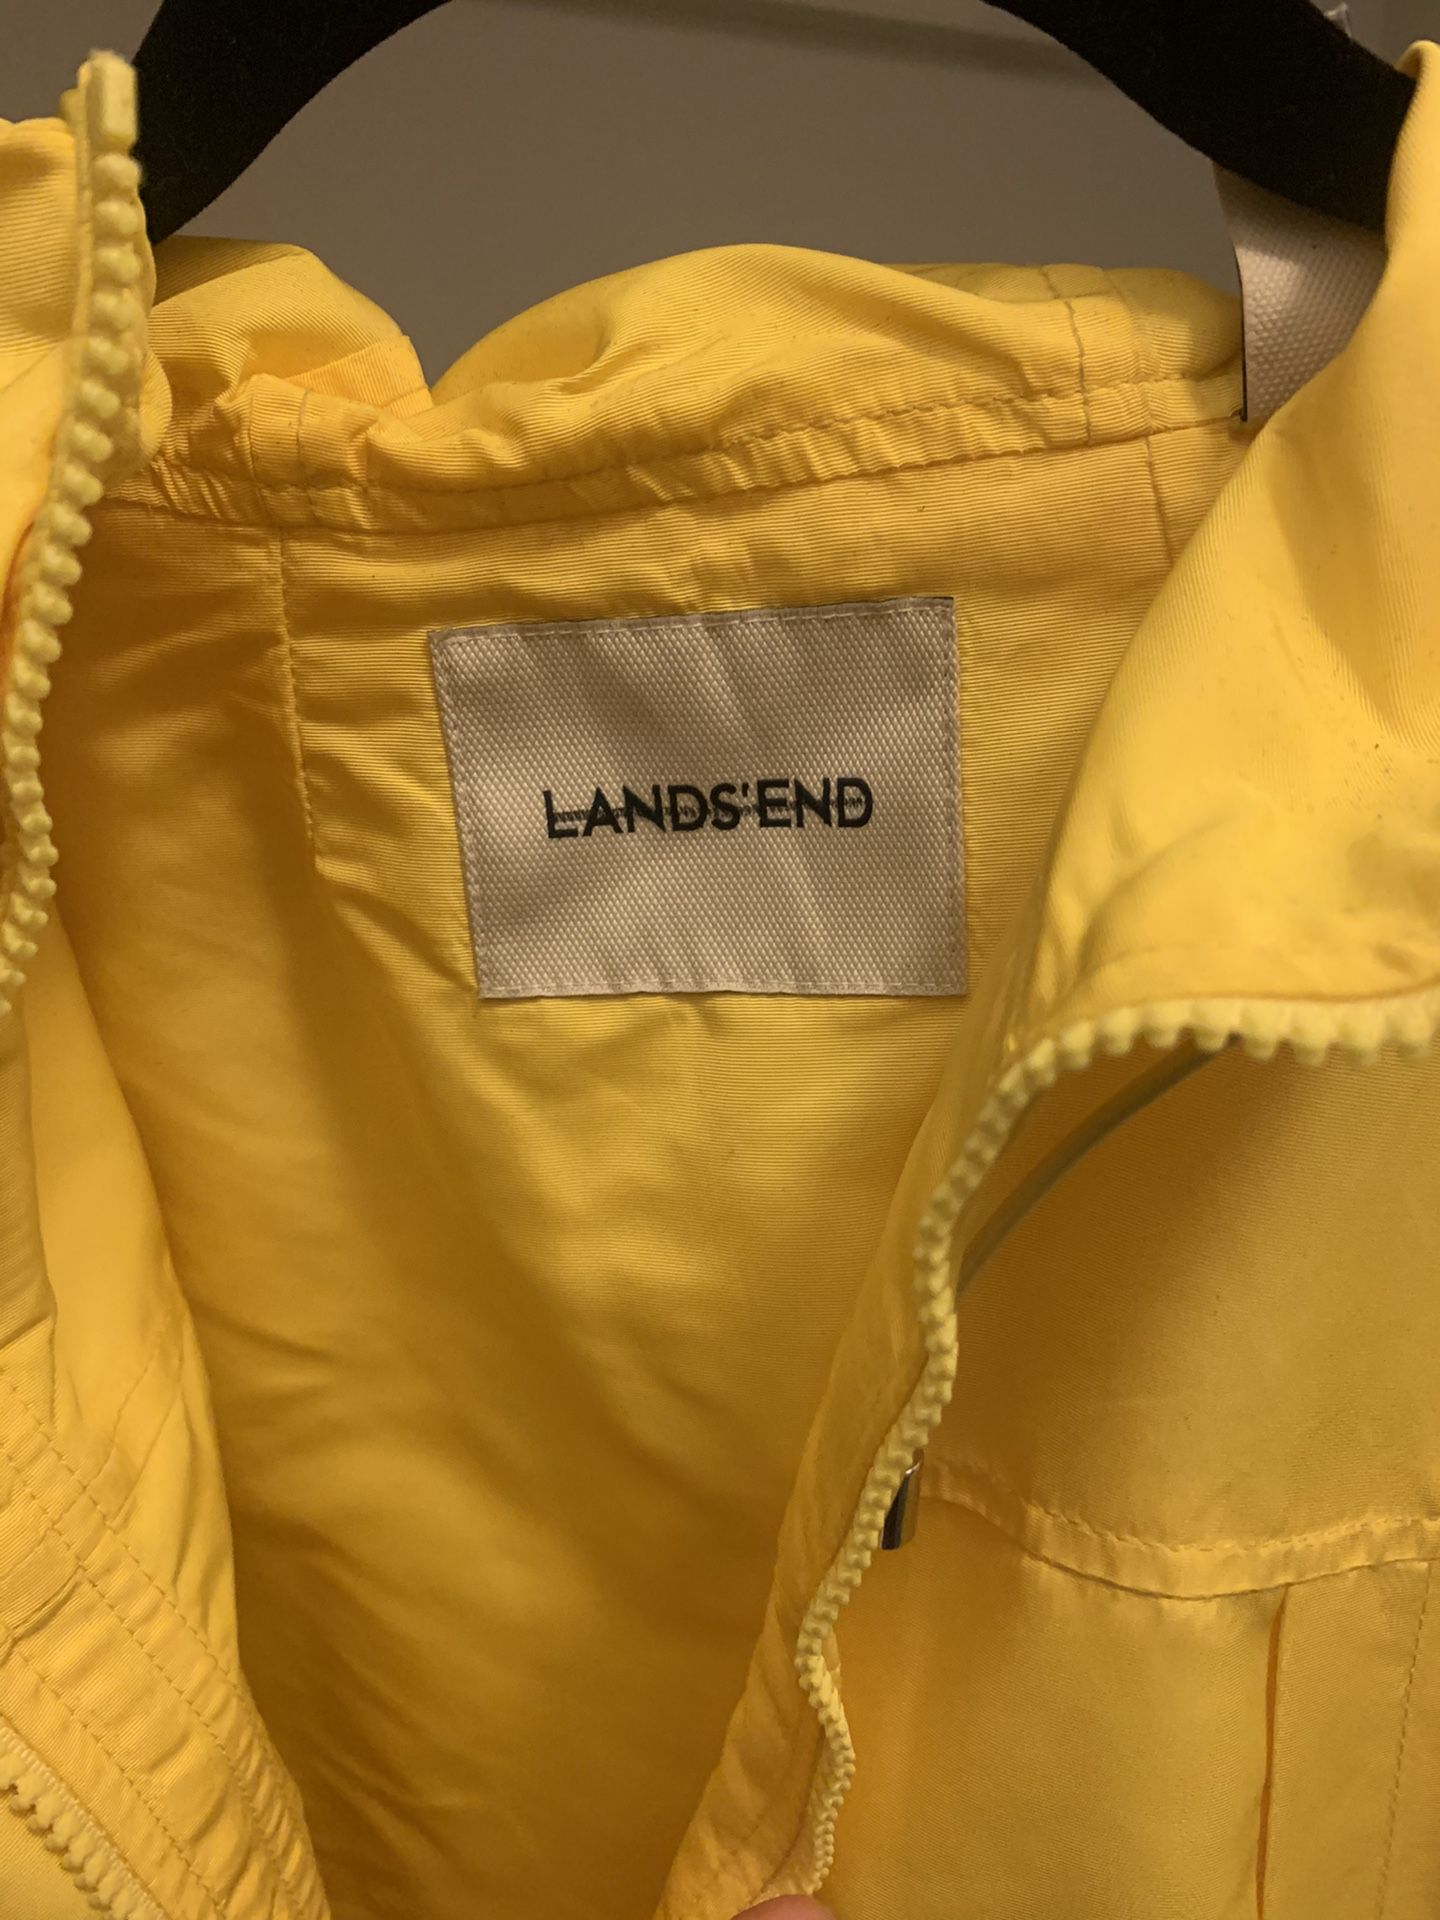 Lands End rain coat